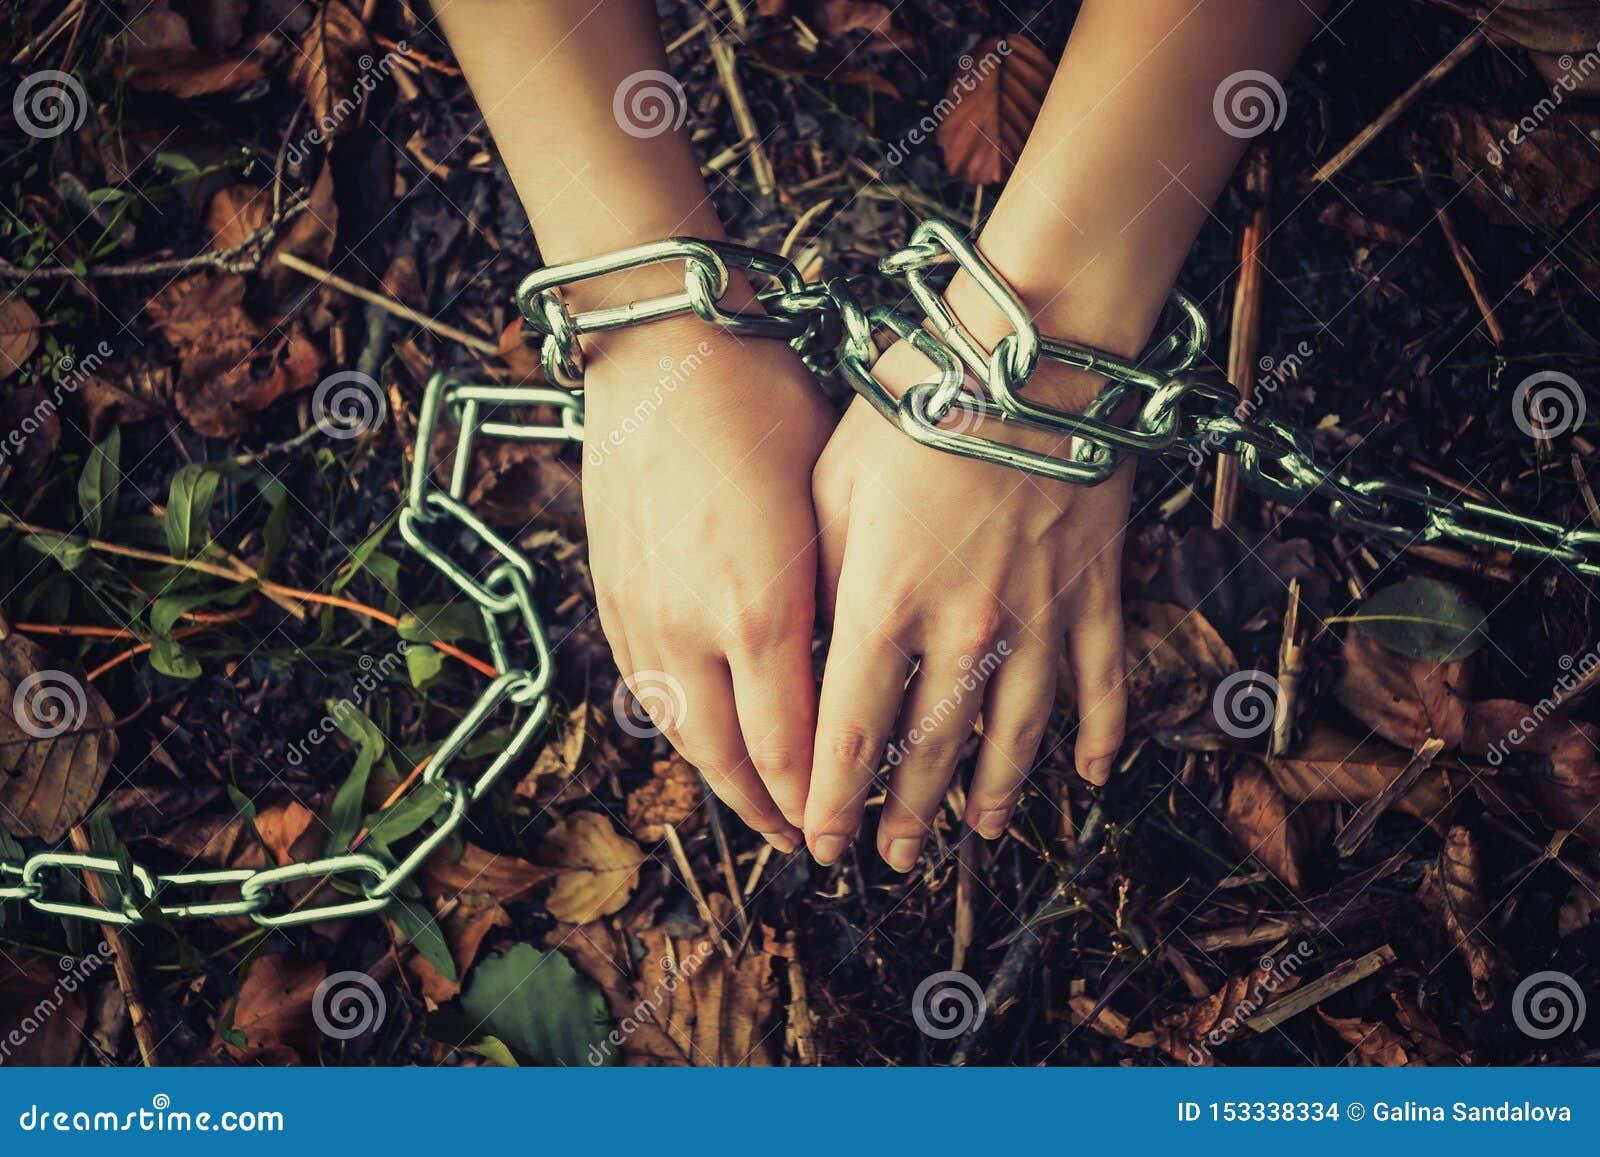 De handen van vrouwen in een donker bos worden geketend - het concept geweld, gijzelaar, de slavernij die